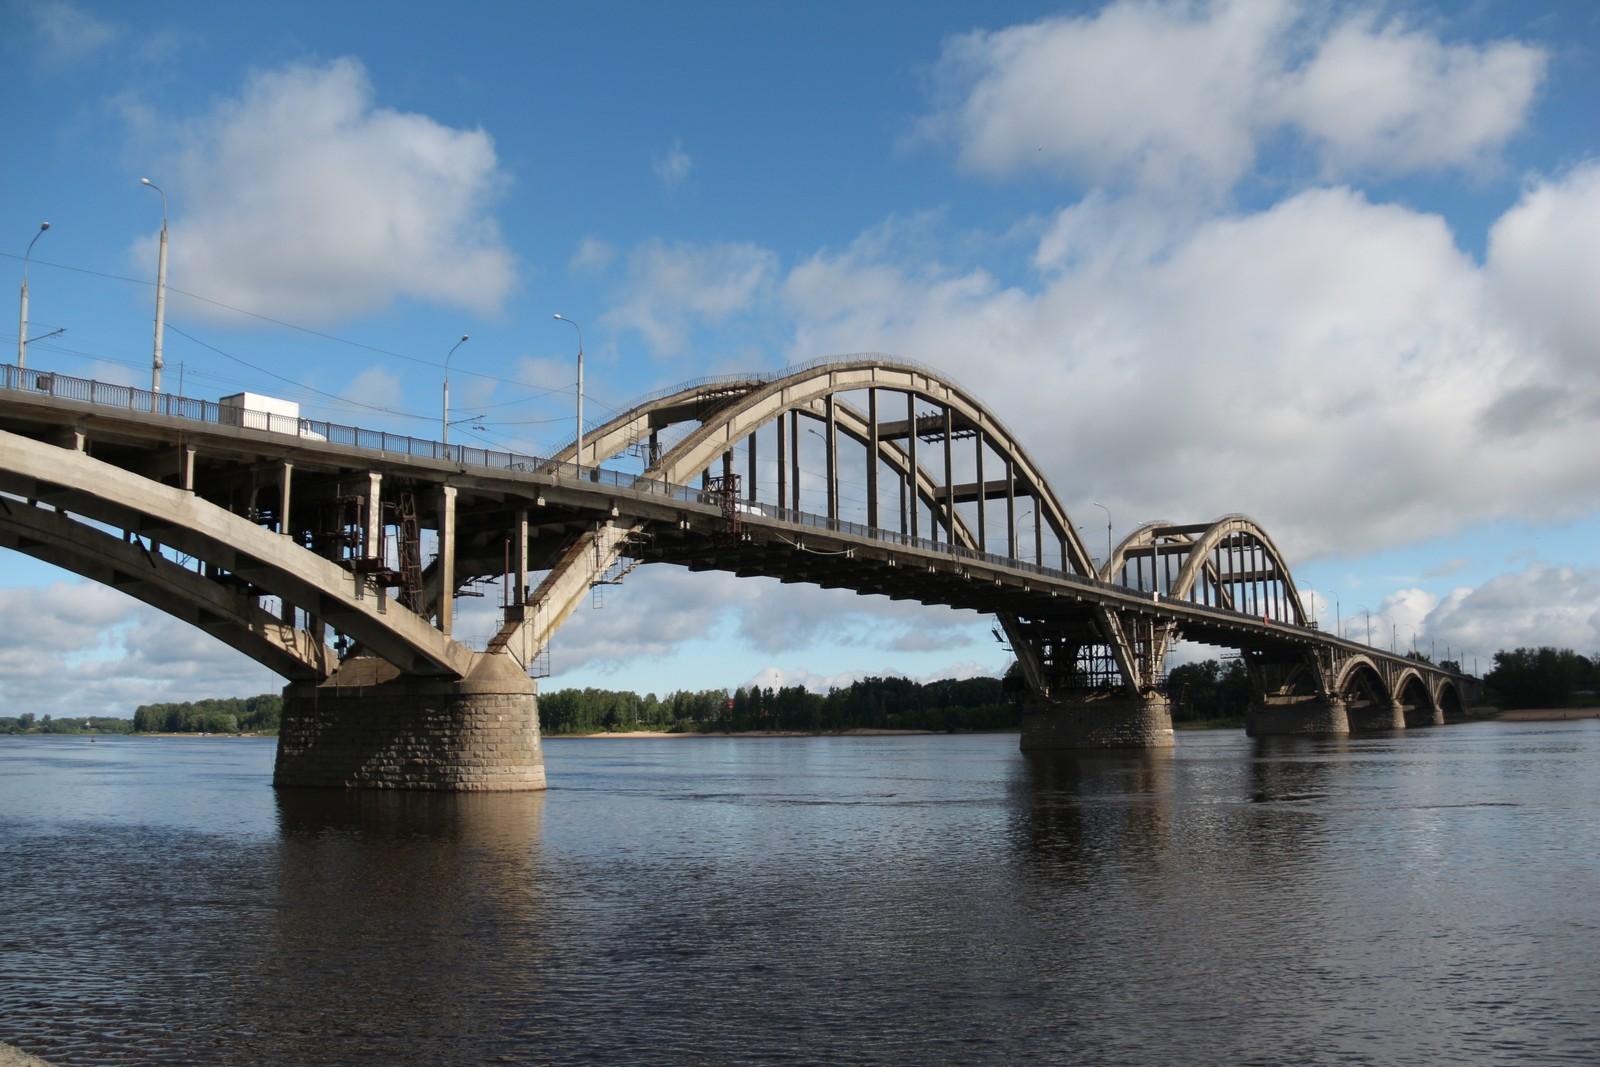 На съезде с моста через Волгу в Рыбинске сформируют две транспортные развязки